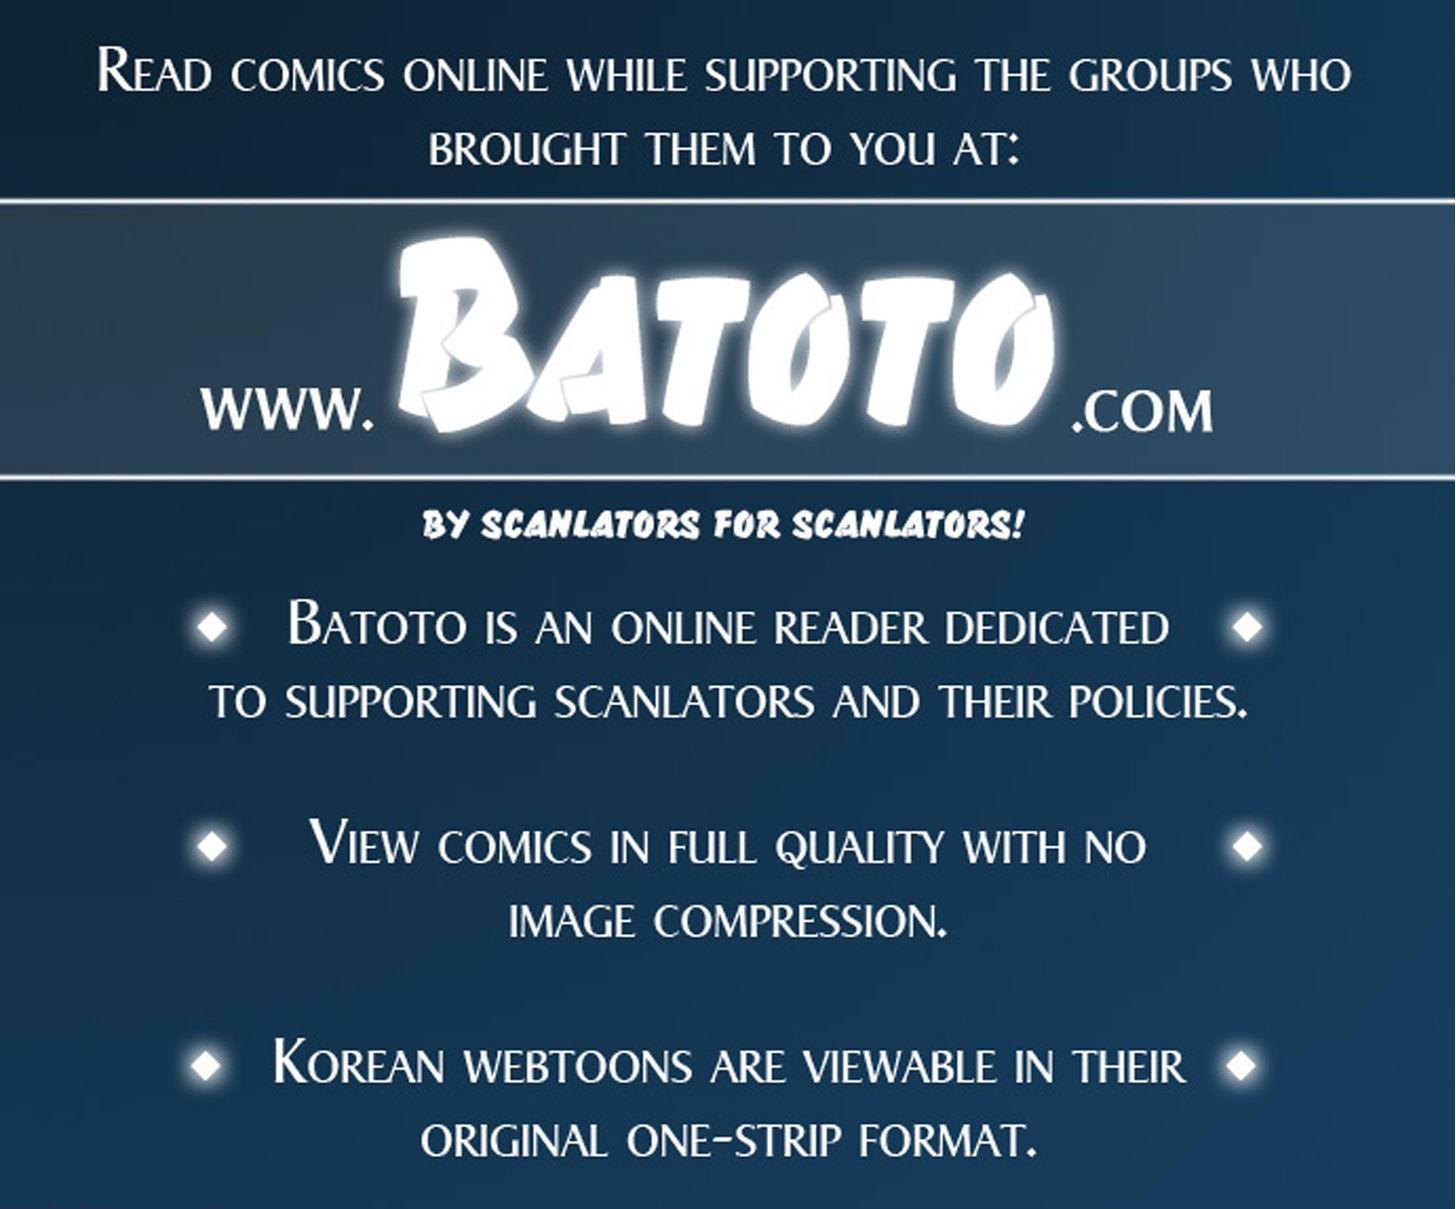 https://im.nineanime.com/comics/pic9/43/171/12858/Kingdom1520238.jpg Page 1